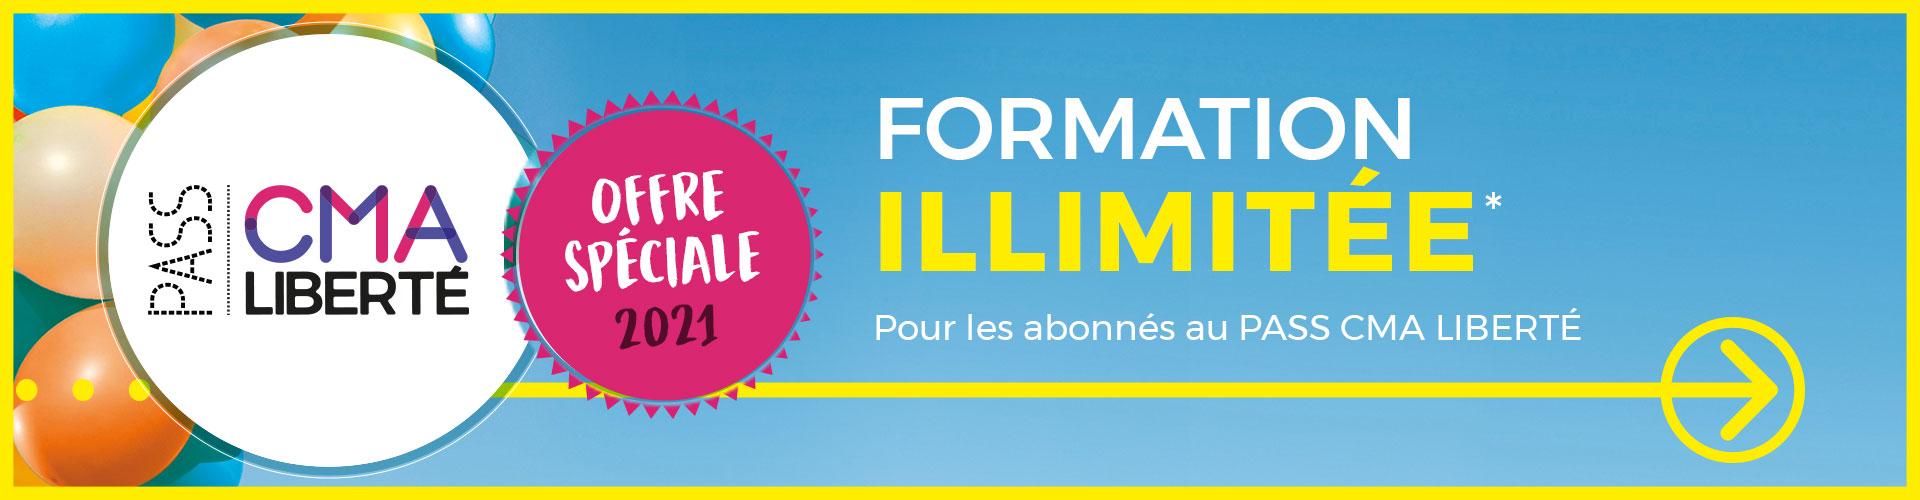 Pass CMA Liberté - formation illimitée